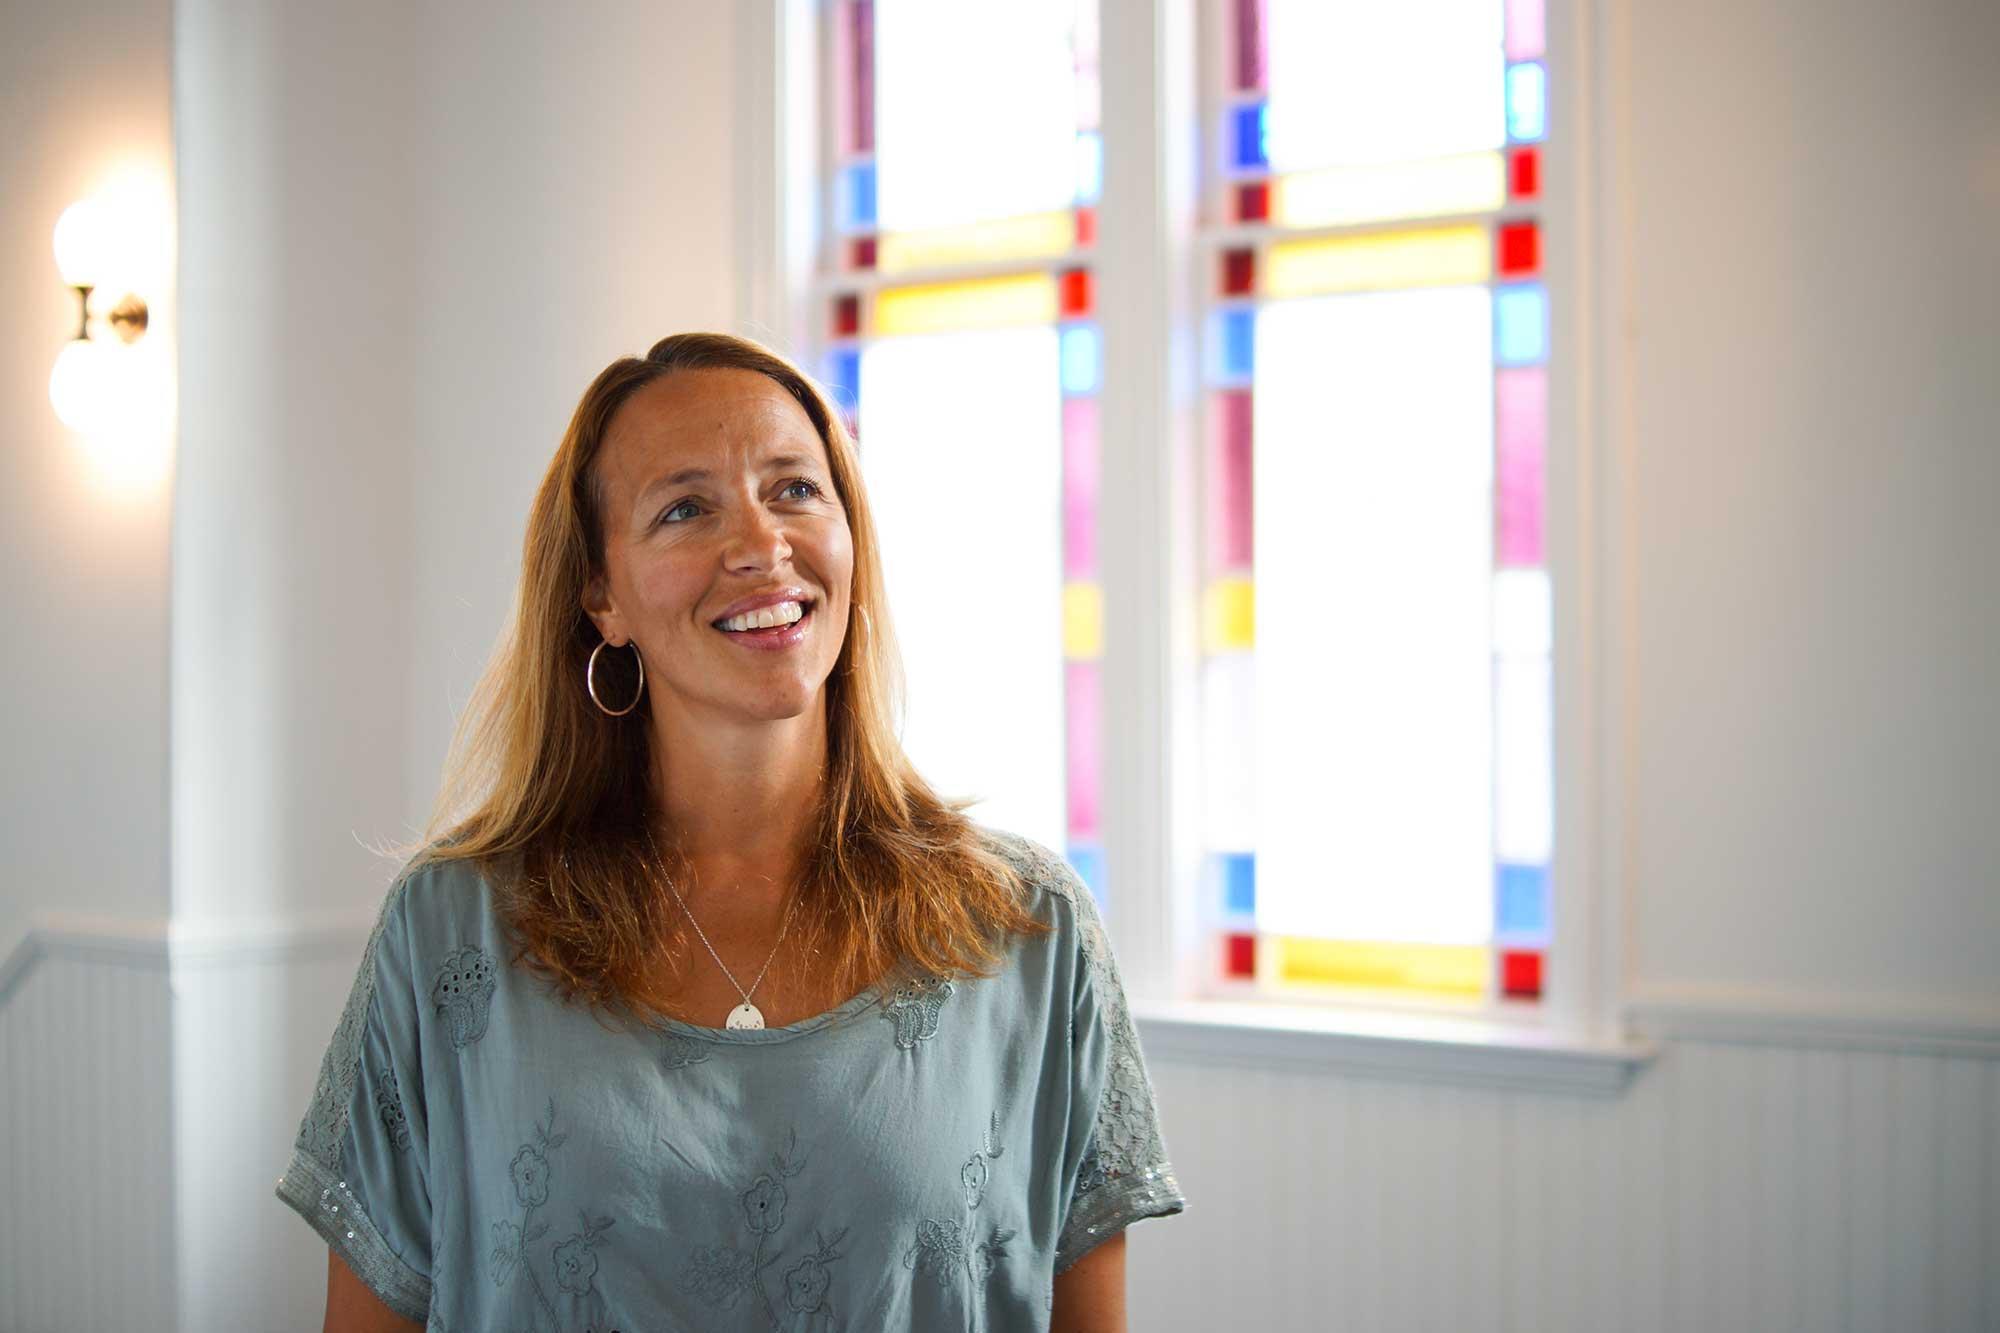 Nikki Raffenetti